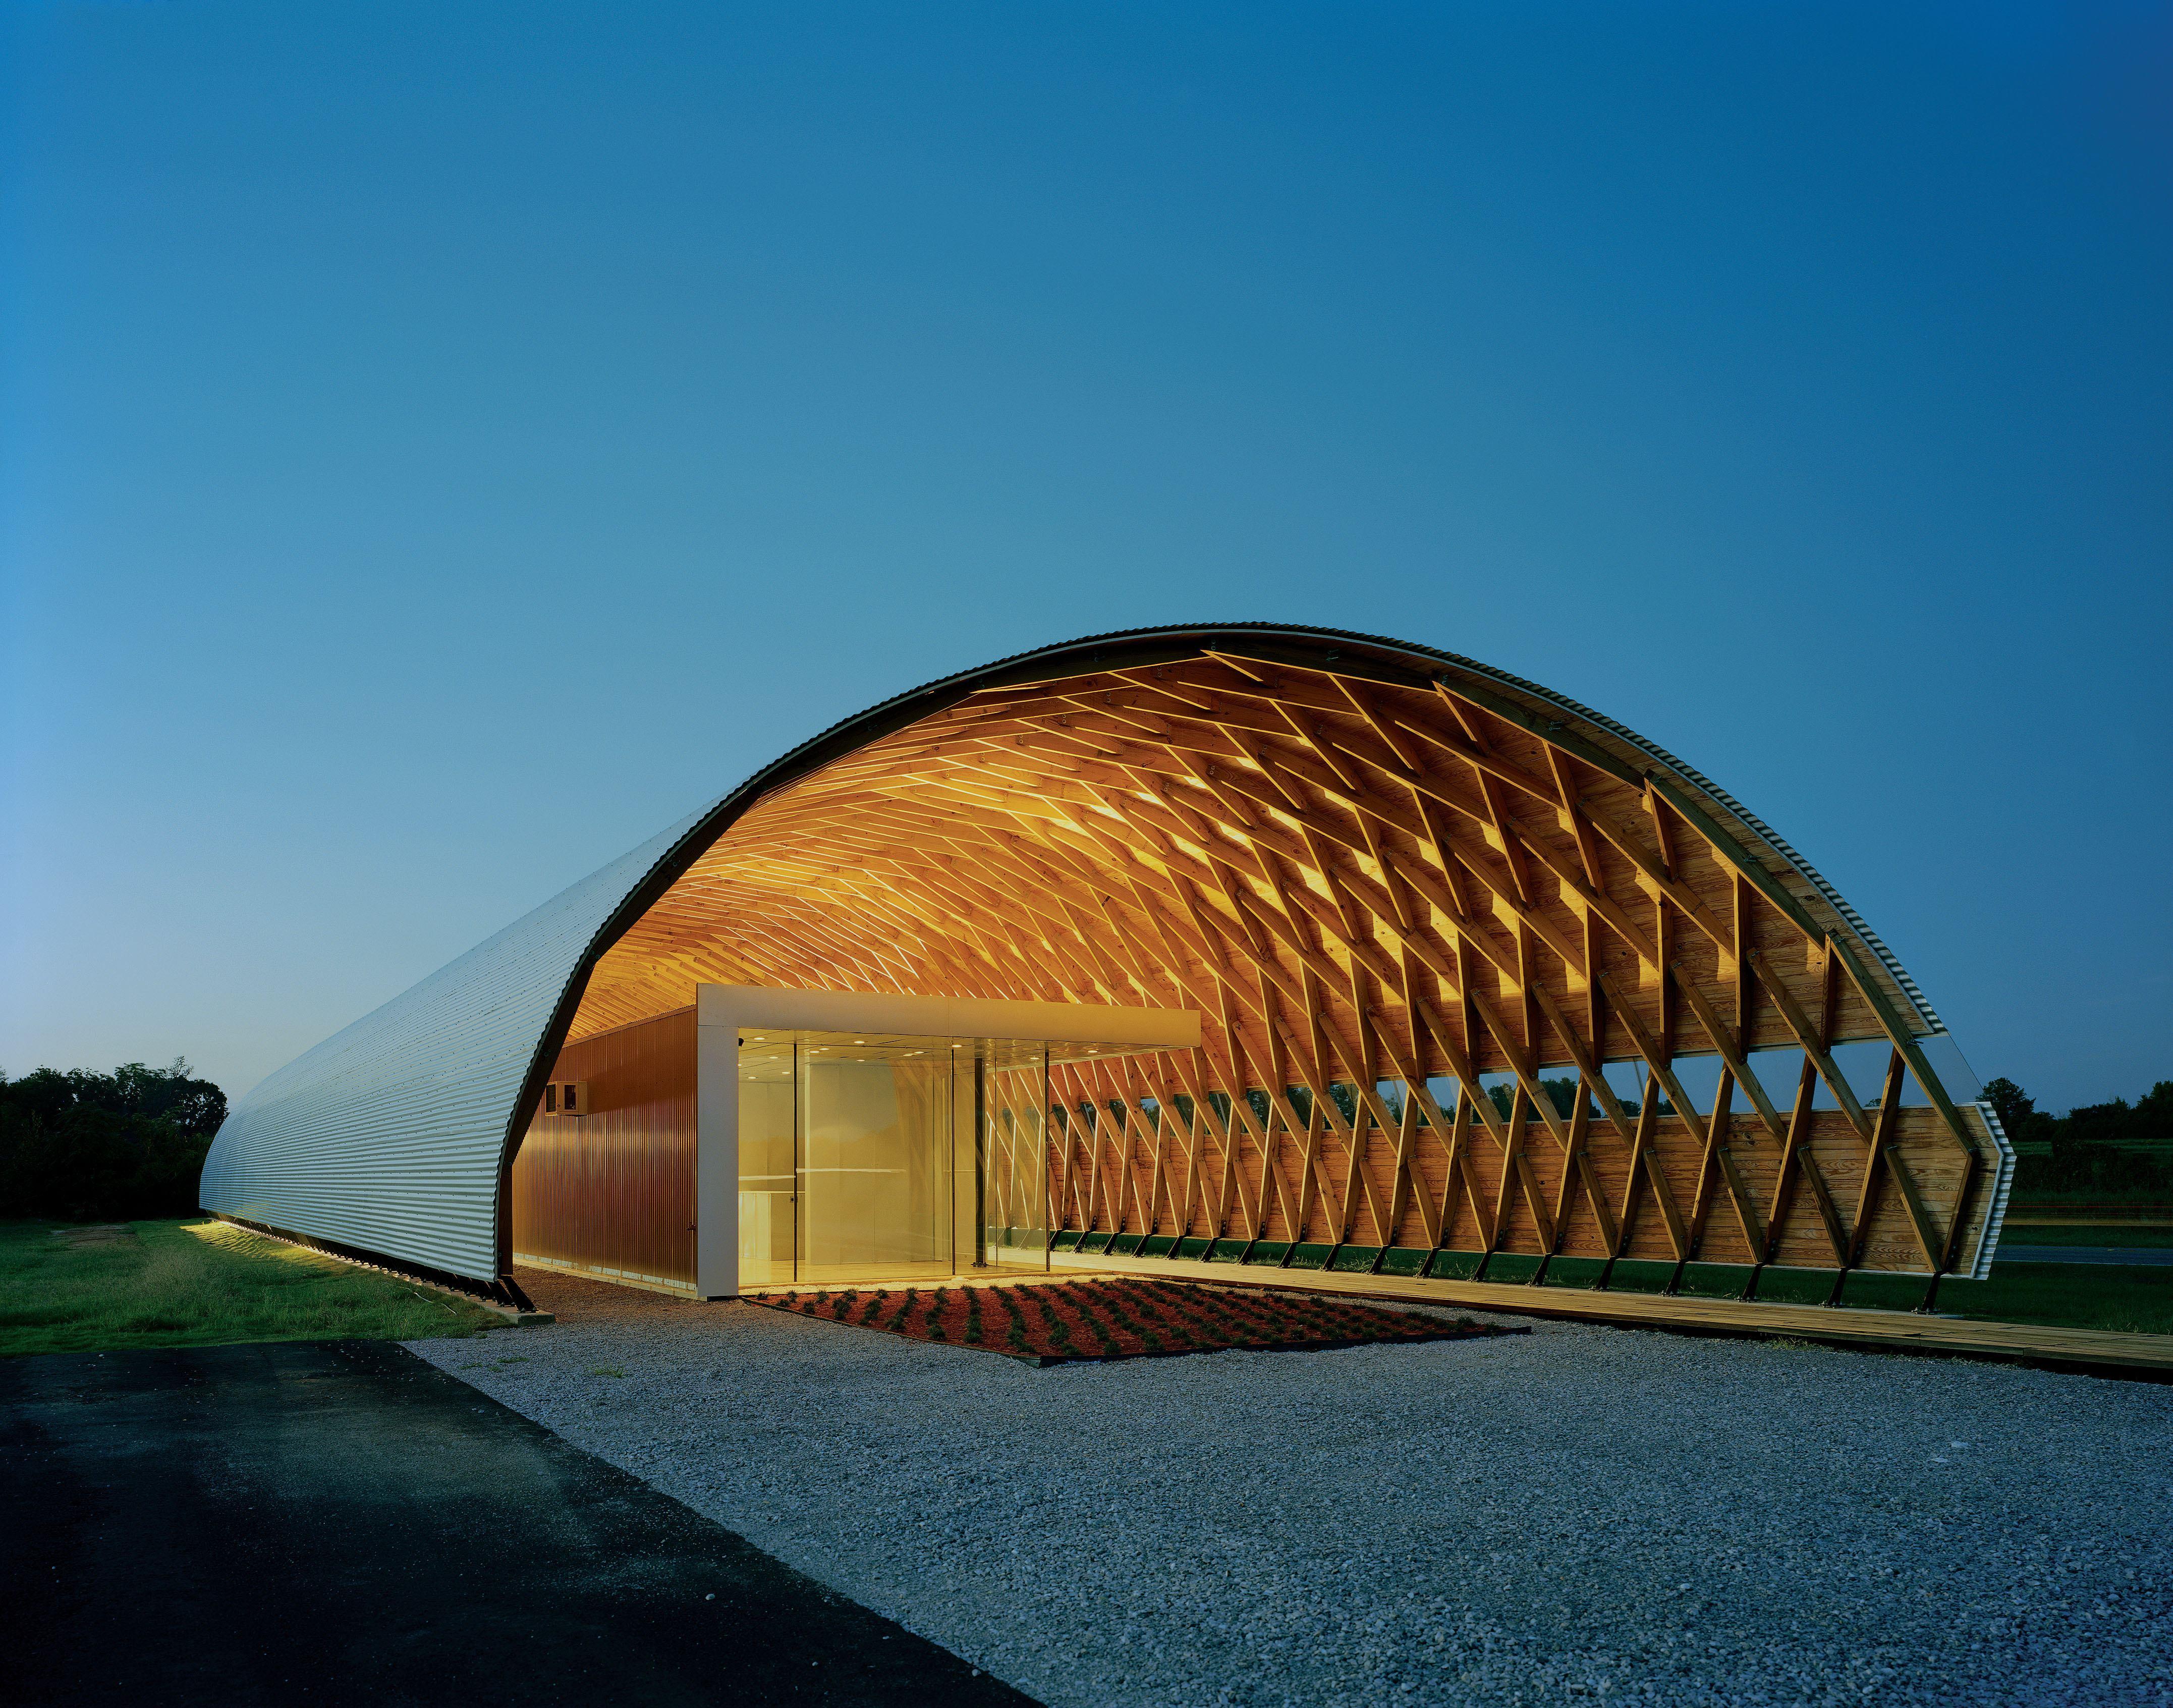 The New Rural Studio Architect Magazine